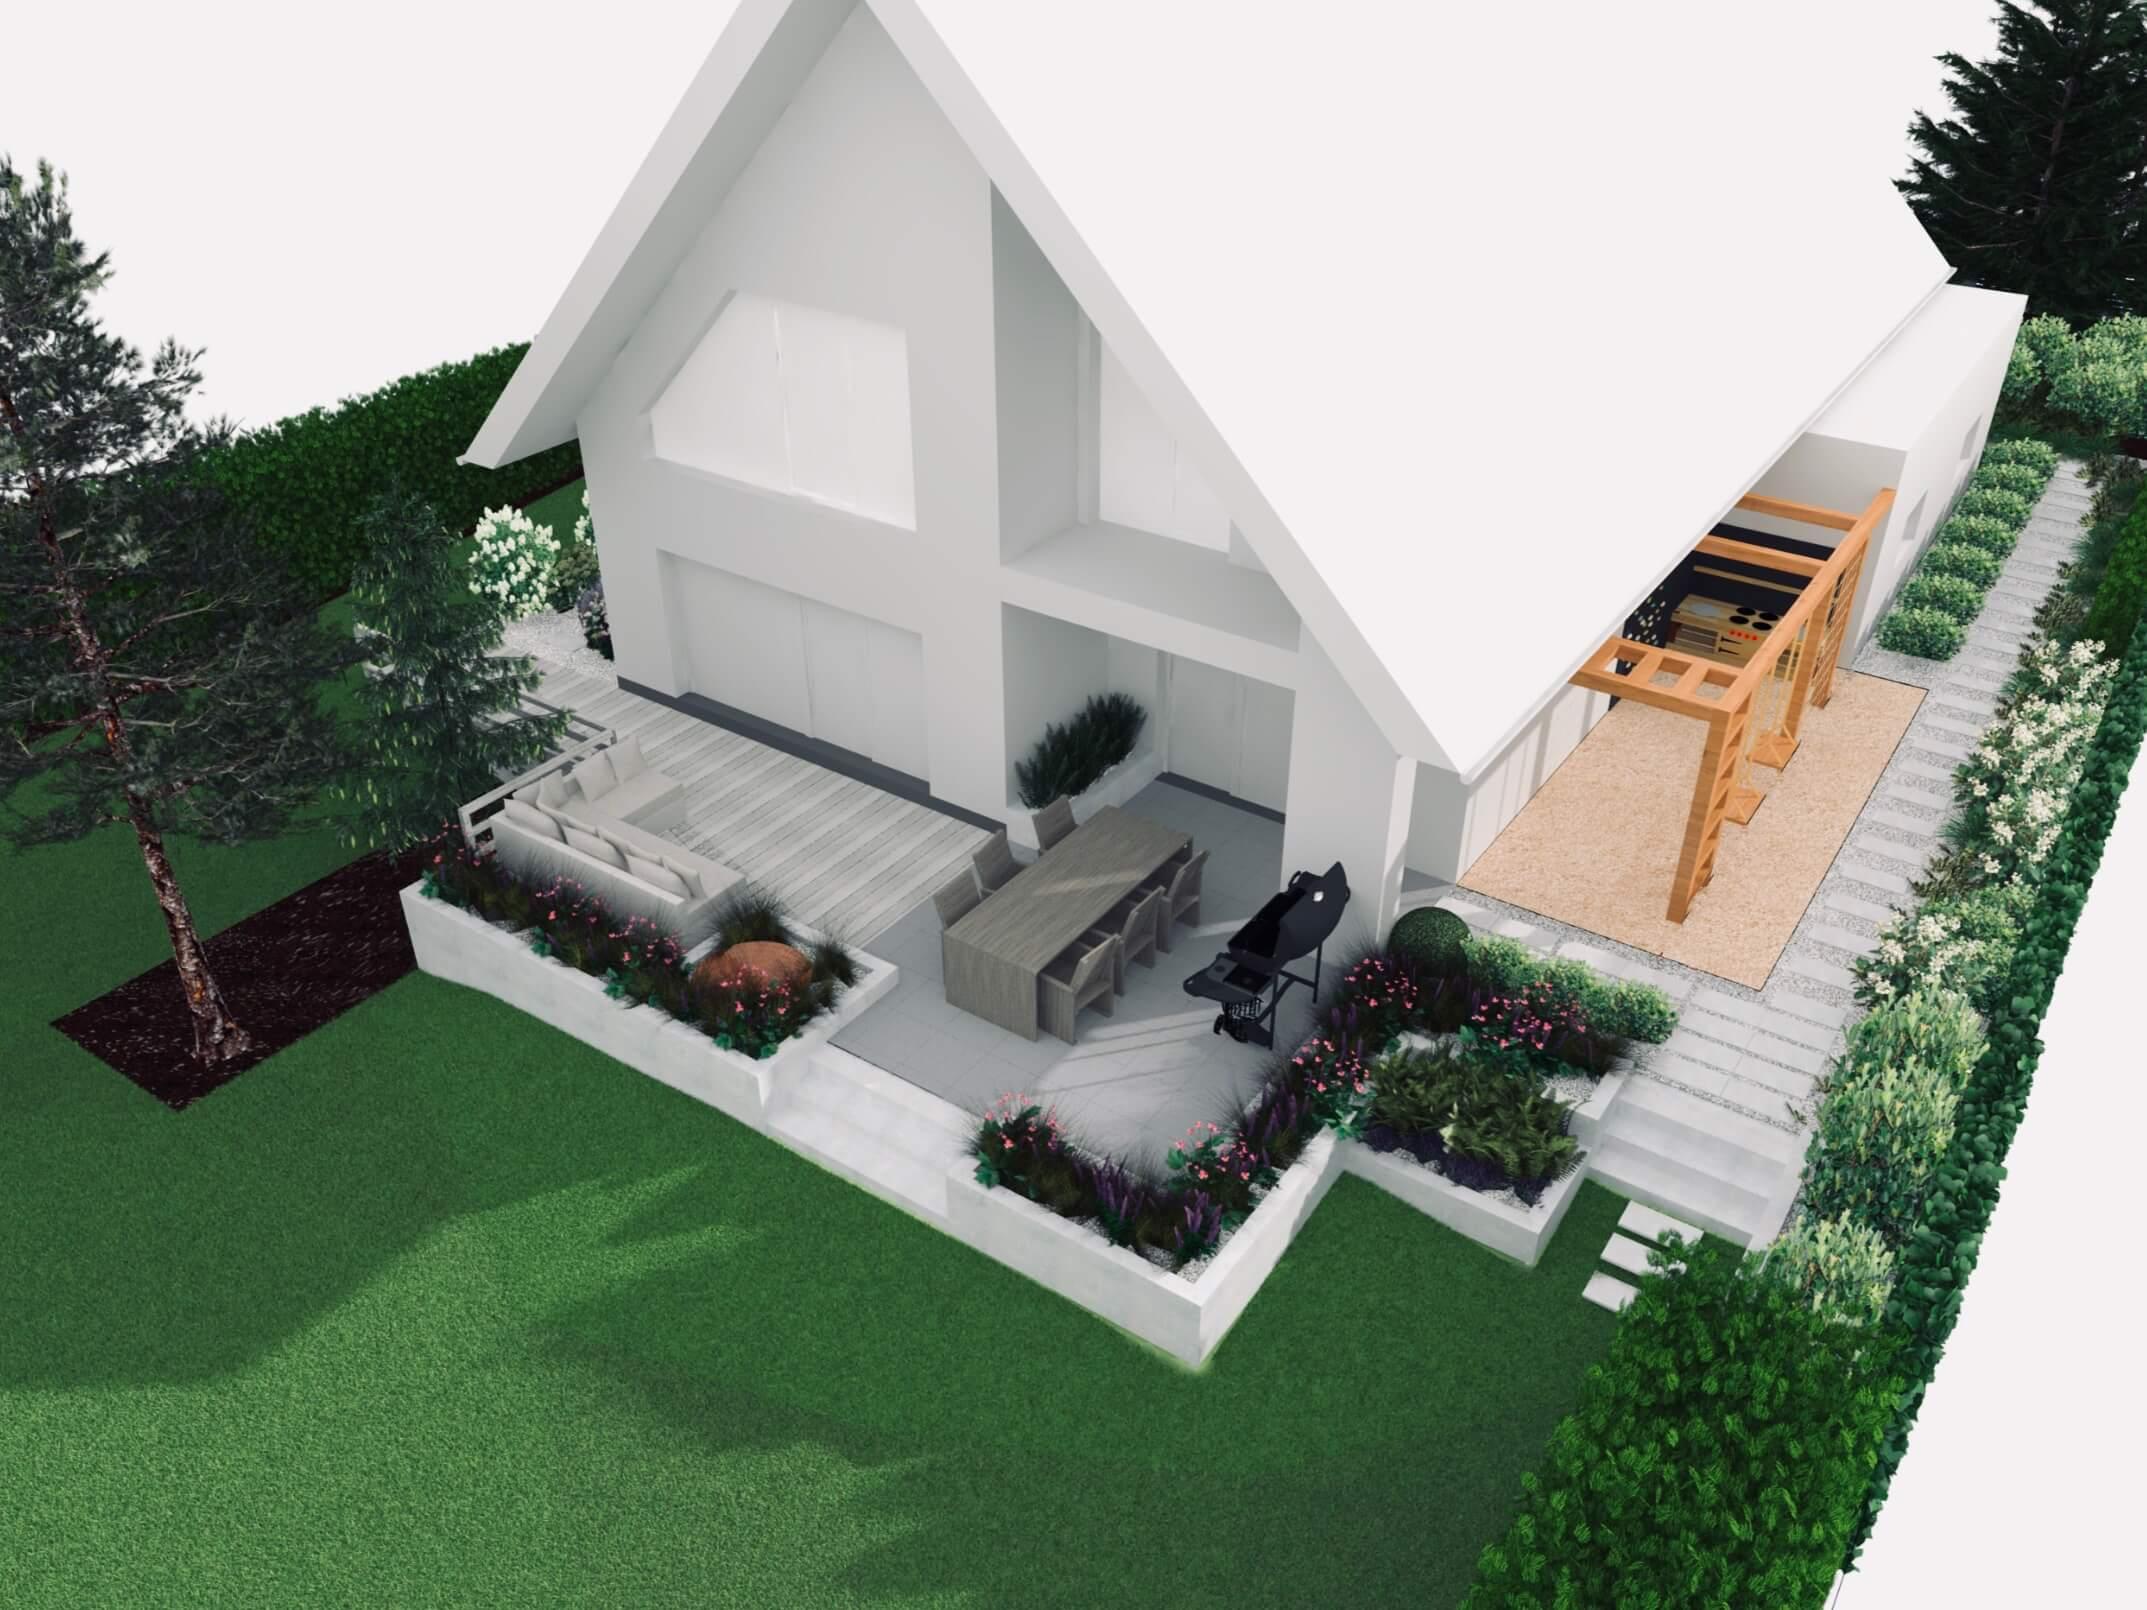 Wizualizacja taras ogród, miejsce zabawy dla dzieci, projekt ogrodu